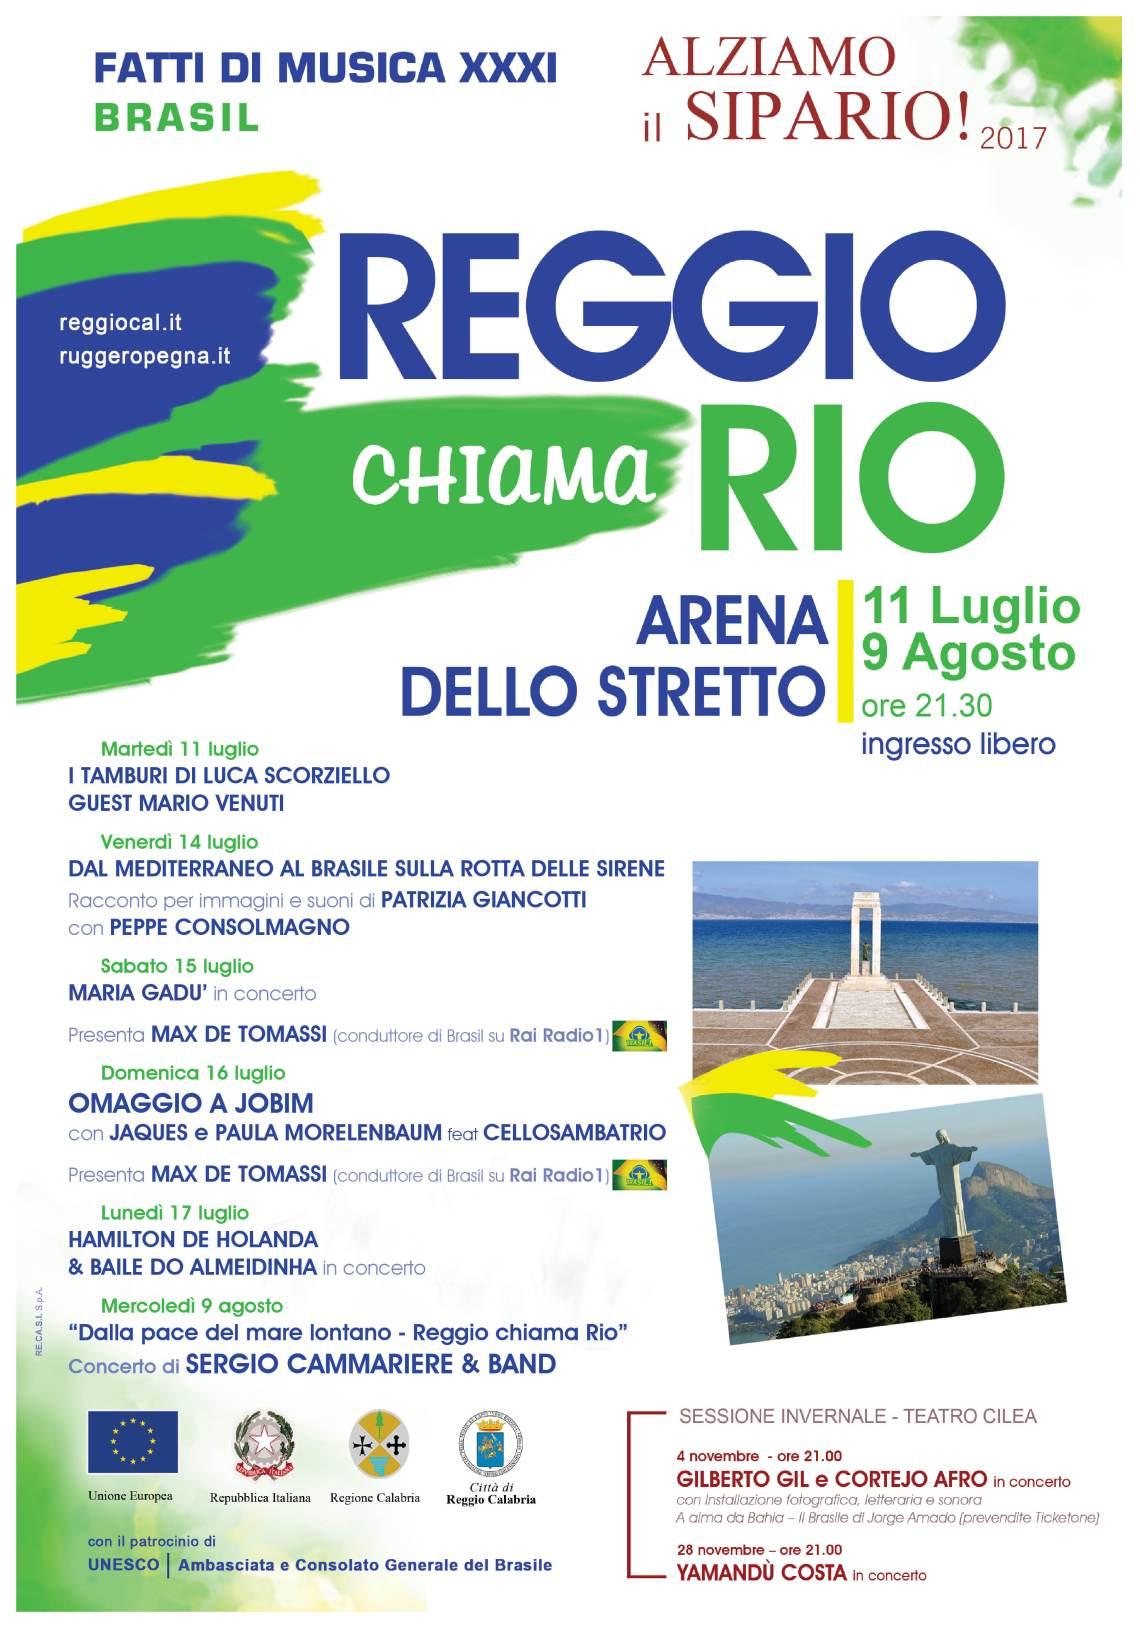 Reggio chiama Rio 2017